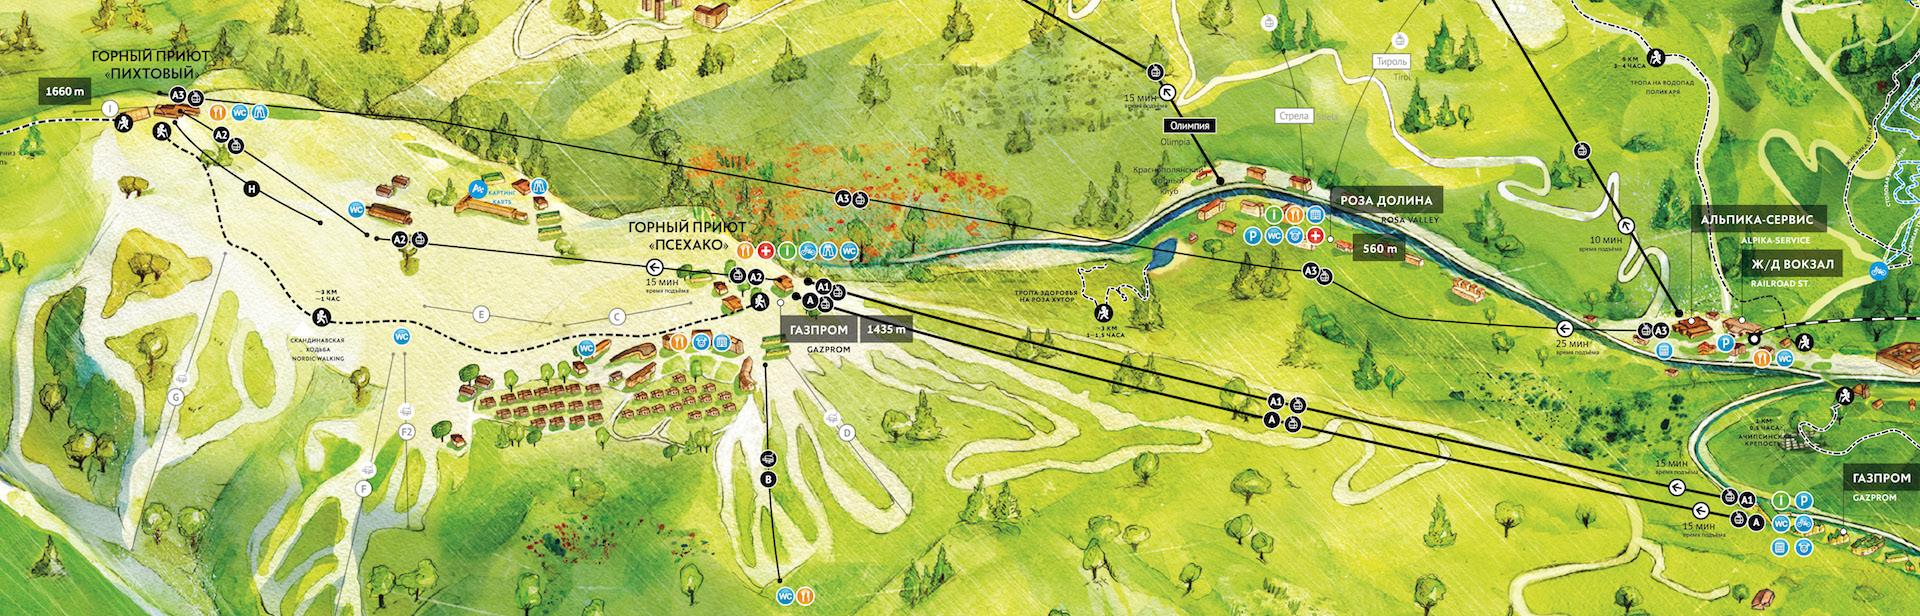 Схема канатной дороги в роза хутор